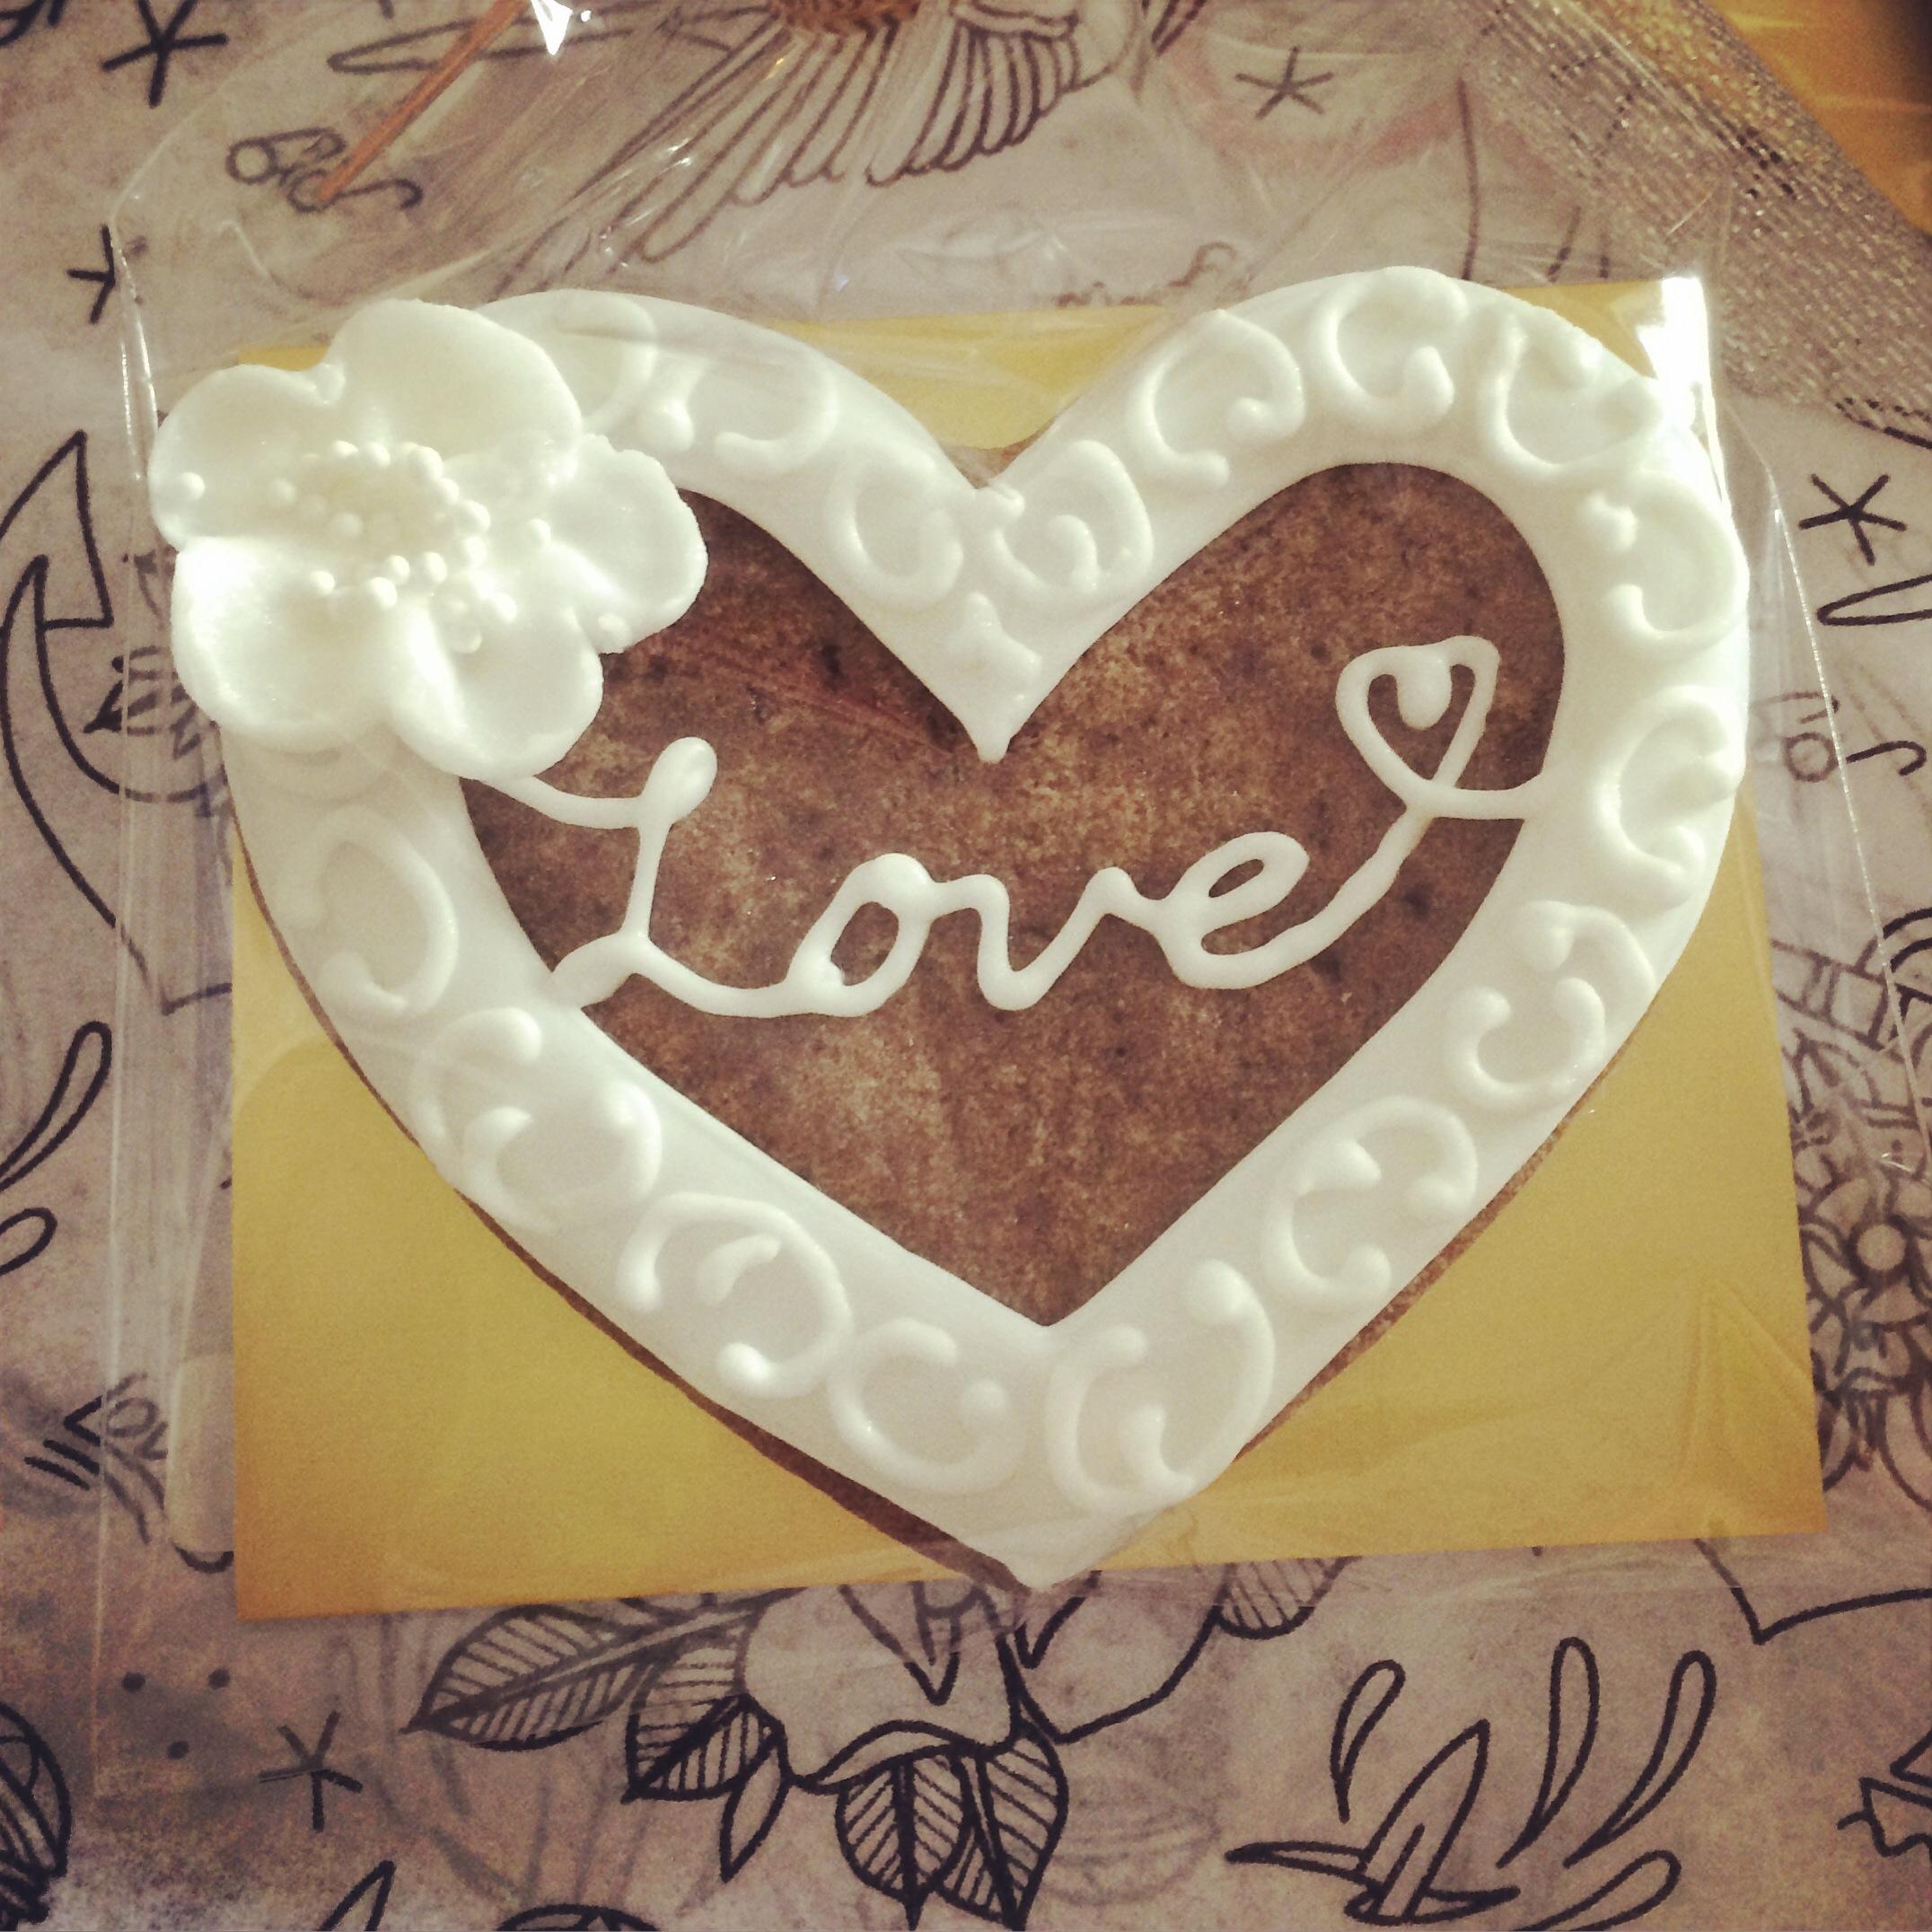 バレンタインクッキー第二弾